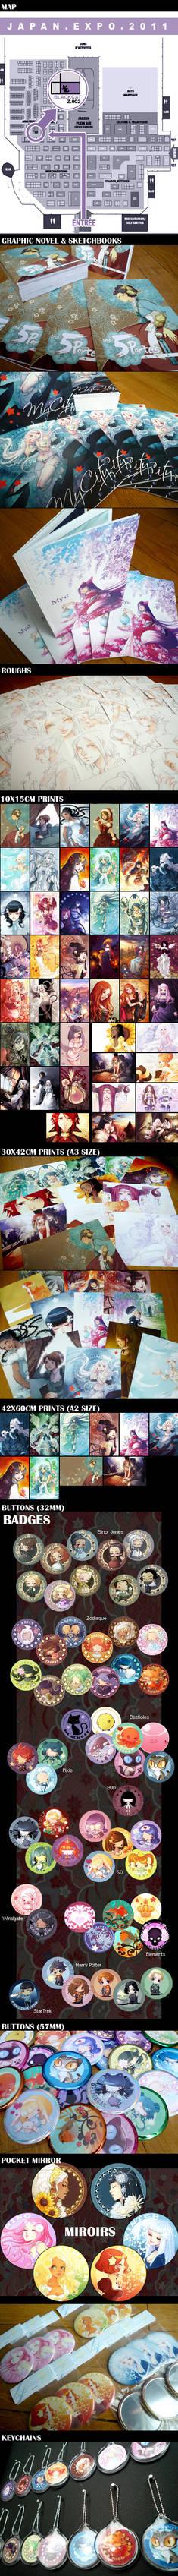 JapanExpo 2011 goodies